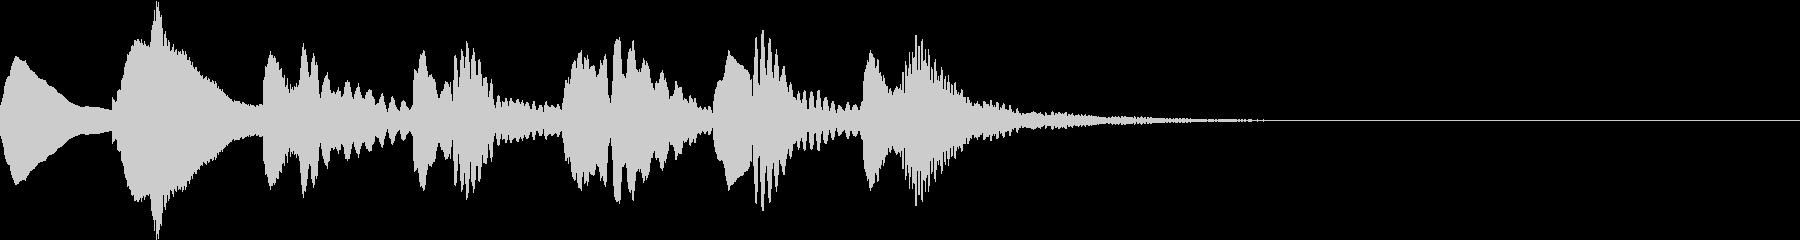 マリンバのジングルの未再生の波形